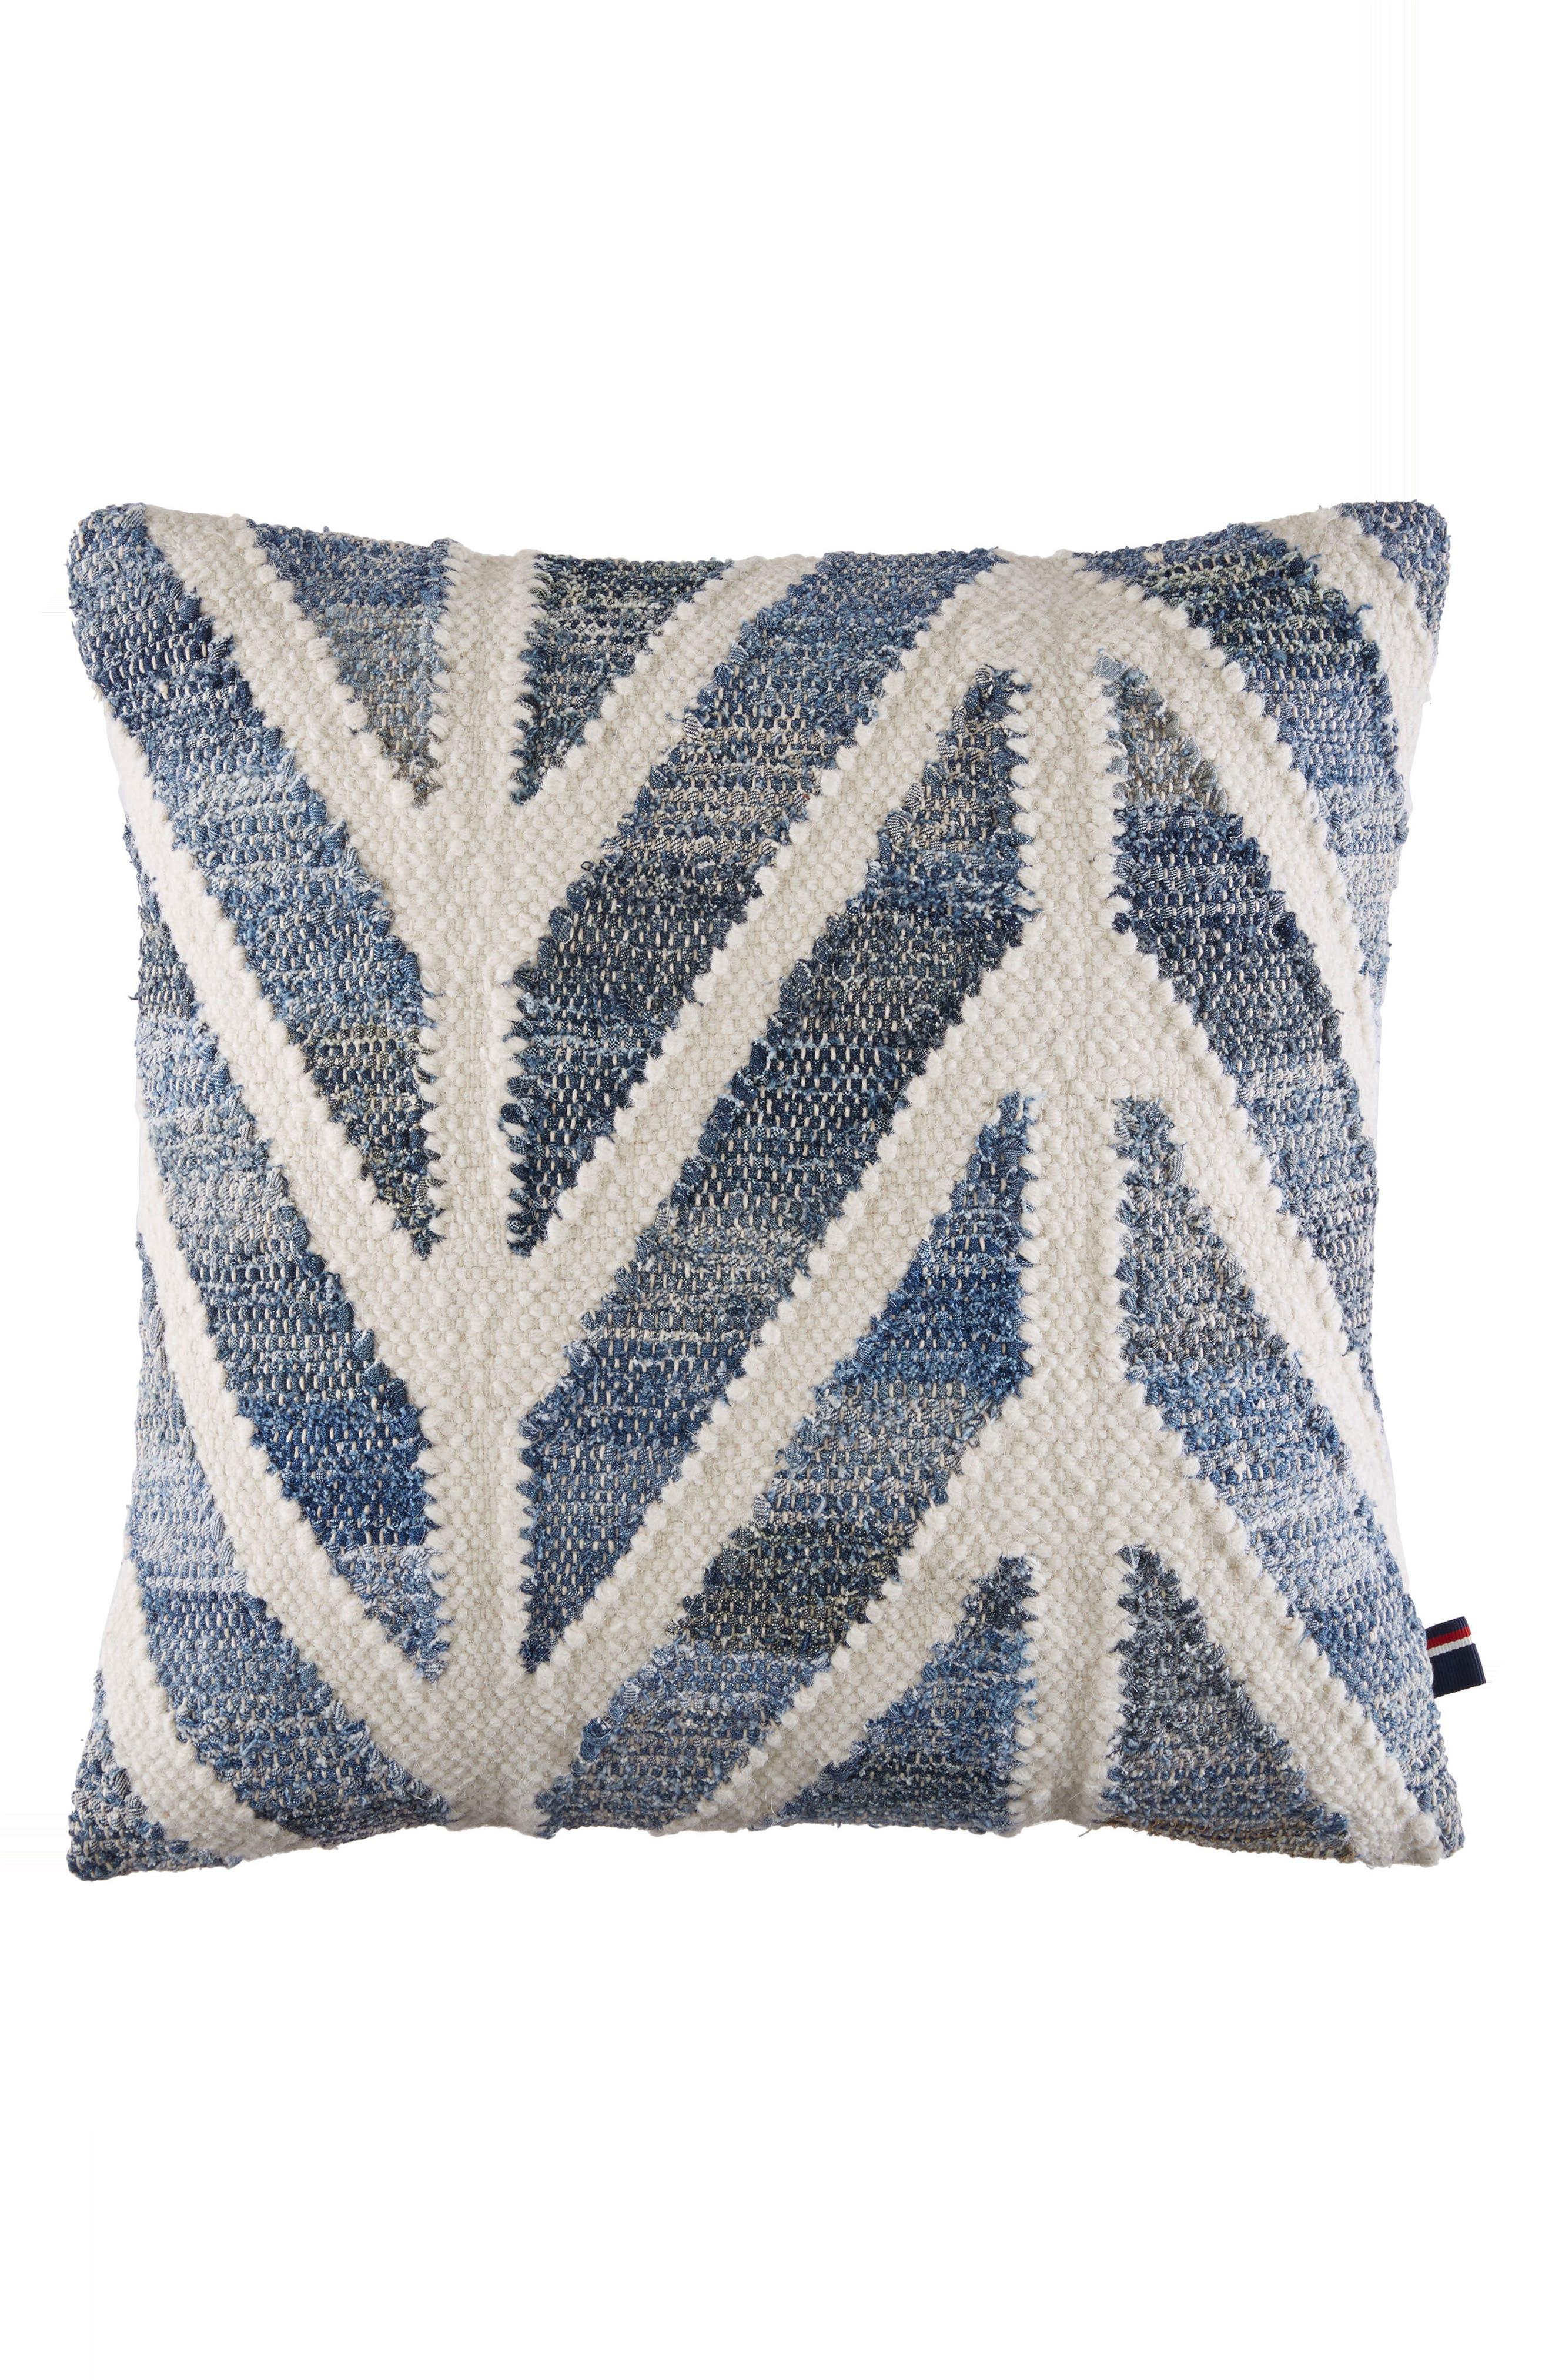 Indigo Chevron Accent Pillow,                         Main,                         color, Blue/ Cream